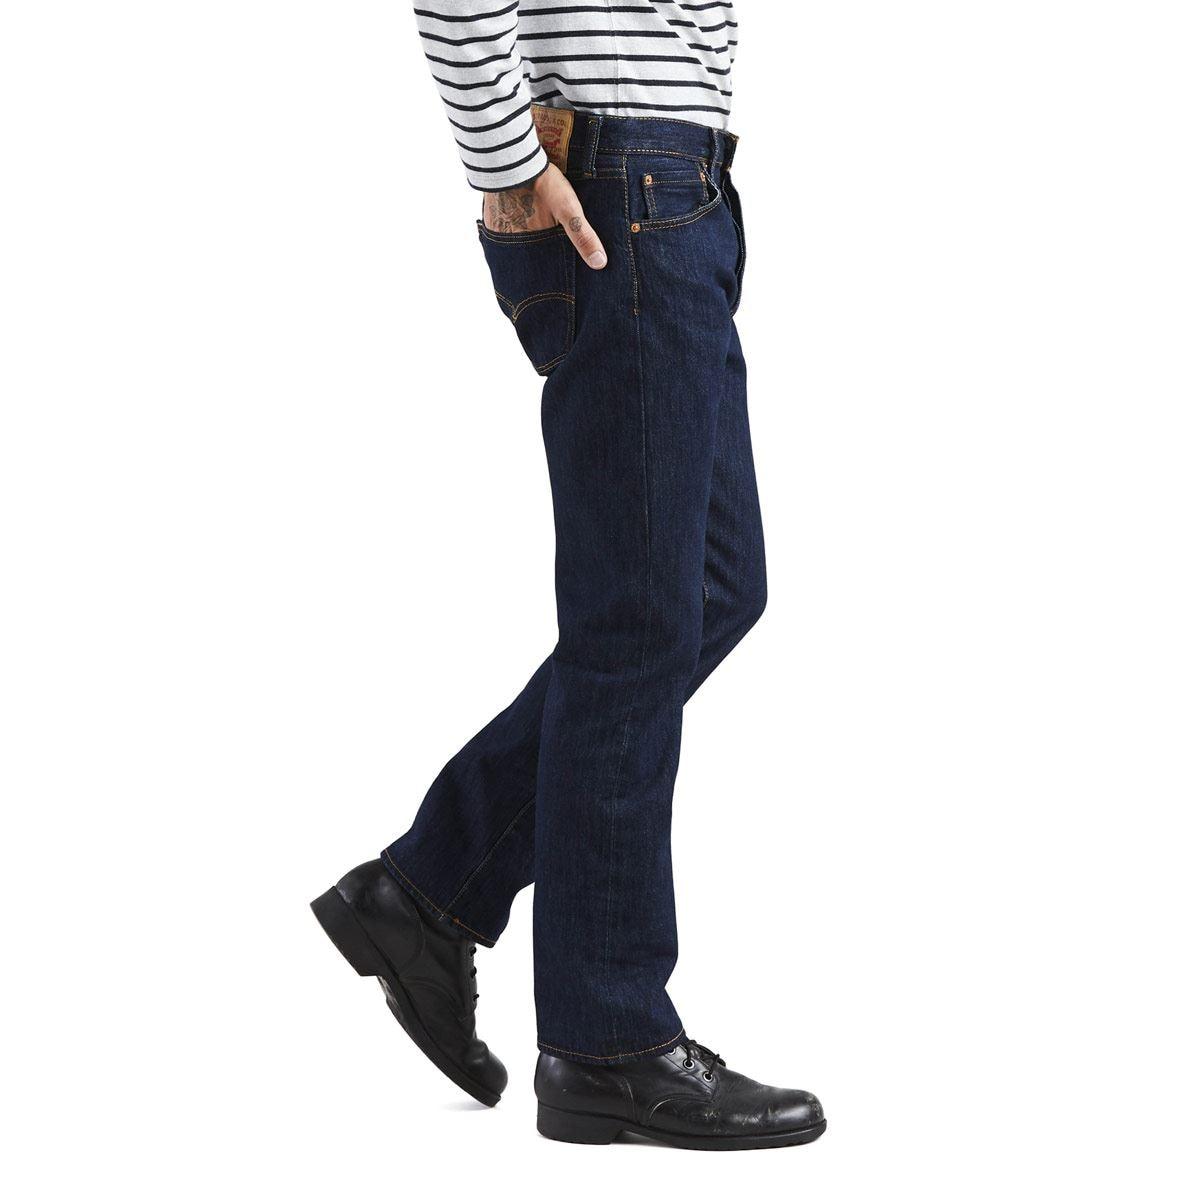 Jeans Para Caballero Levi S 501 Original Fit Jeans 32x32